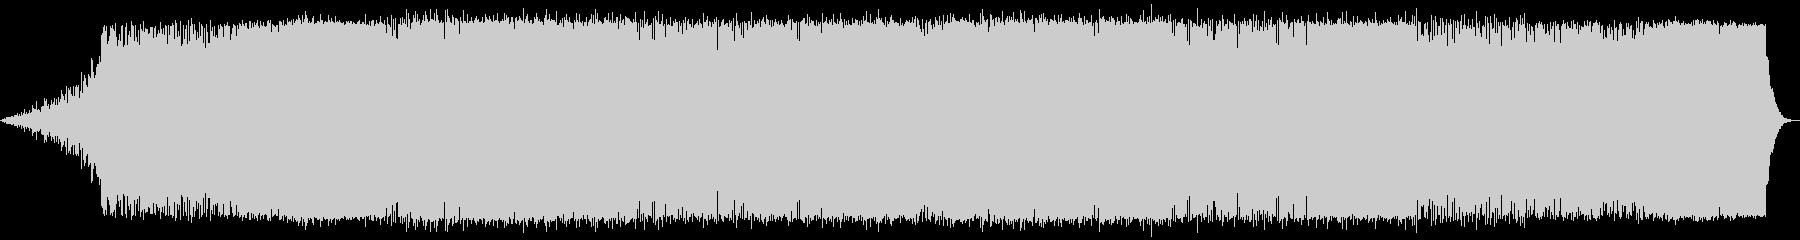 シリアスな場面のアンビエント系BGMの未再生の波形